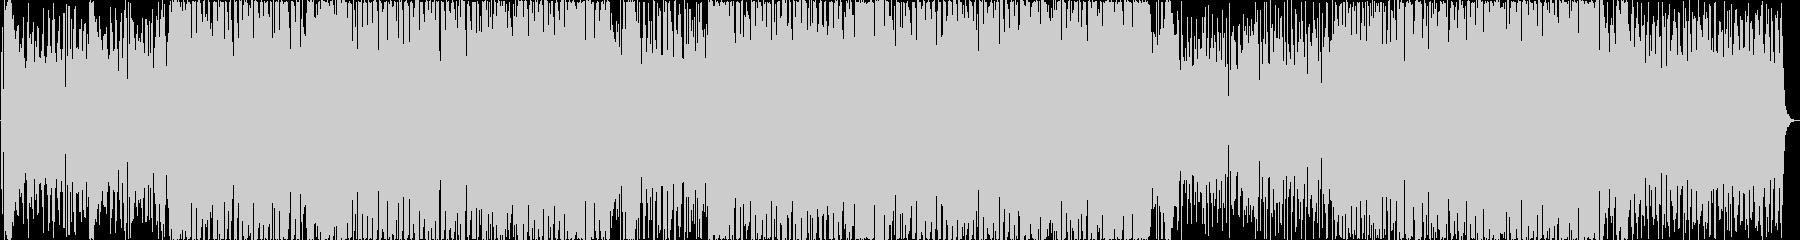 疾走感のある爽やかなアコギ サンバポップの未再生の波形